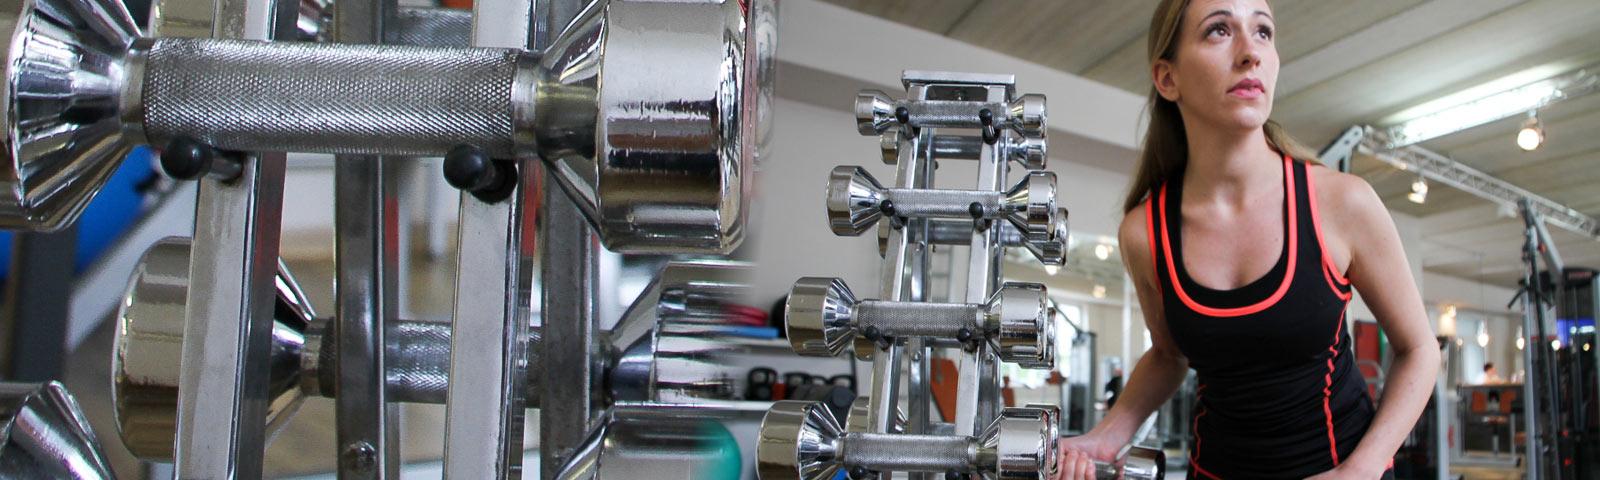 Leistungsorientiertes-Krafttraining-8640